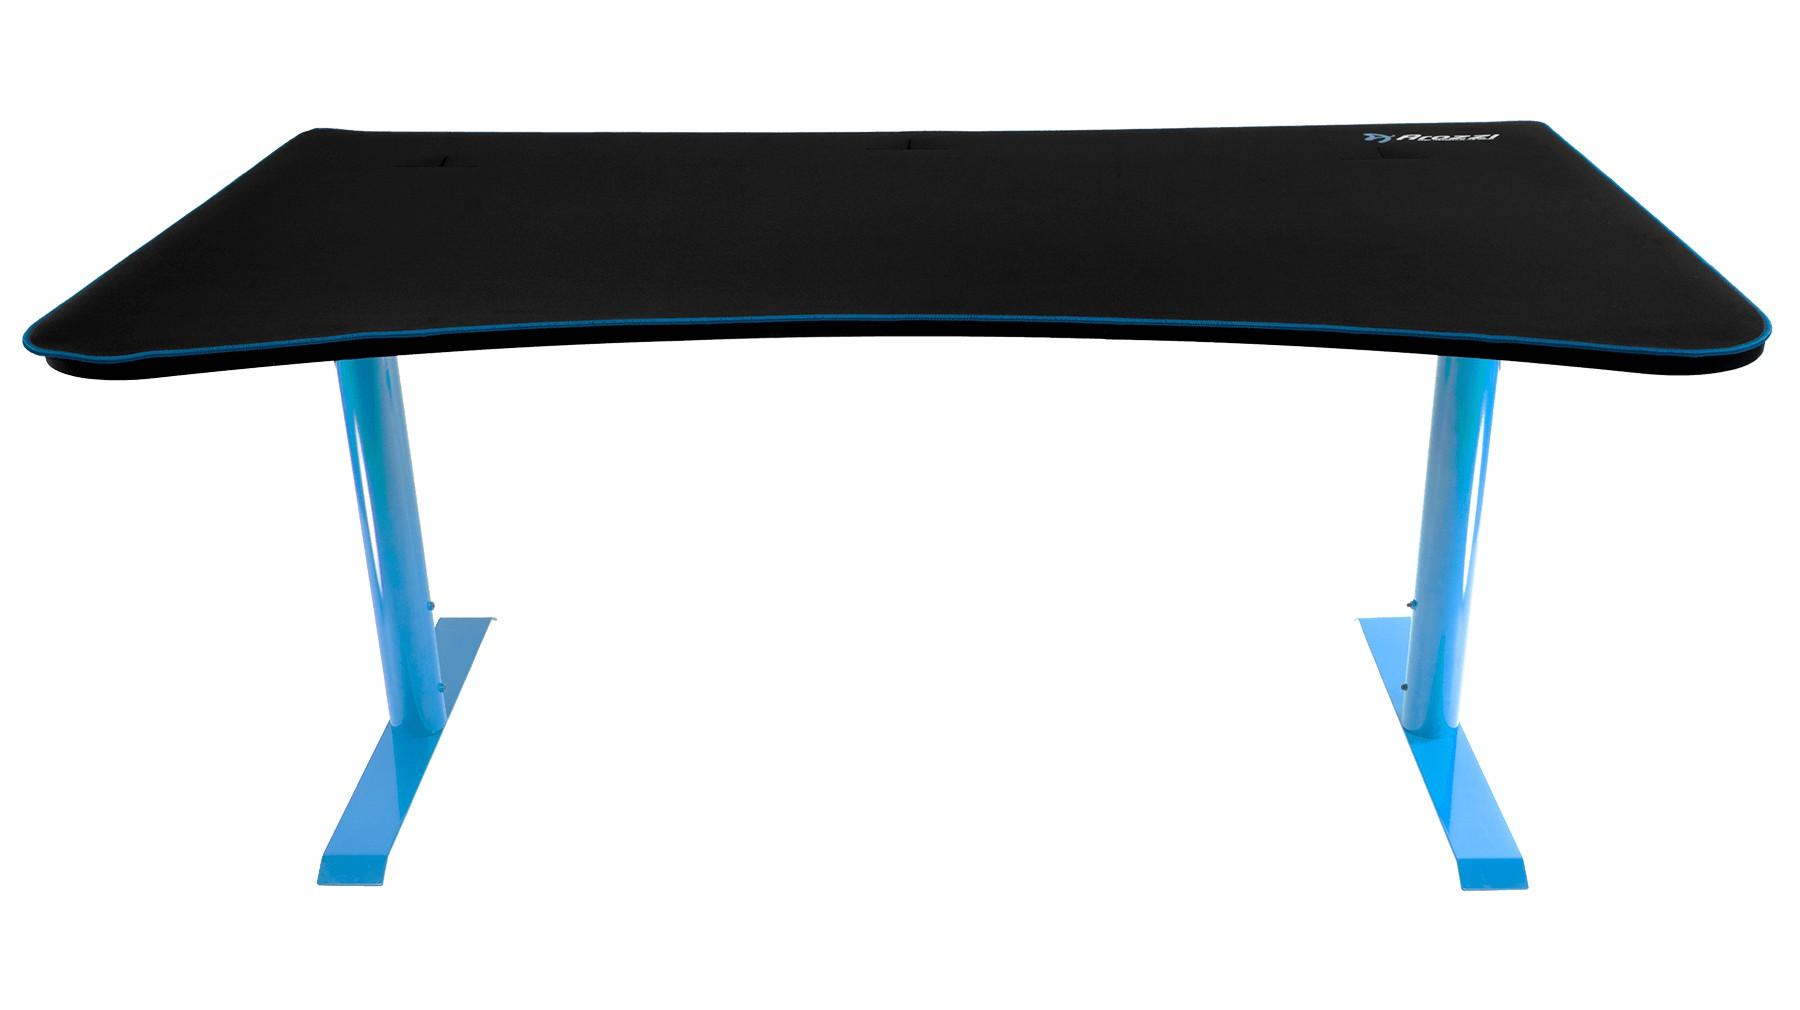 AROZZI ARENA mėlynas reguliuojamas žaidimų stalas